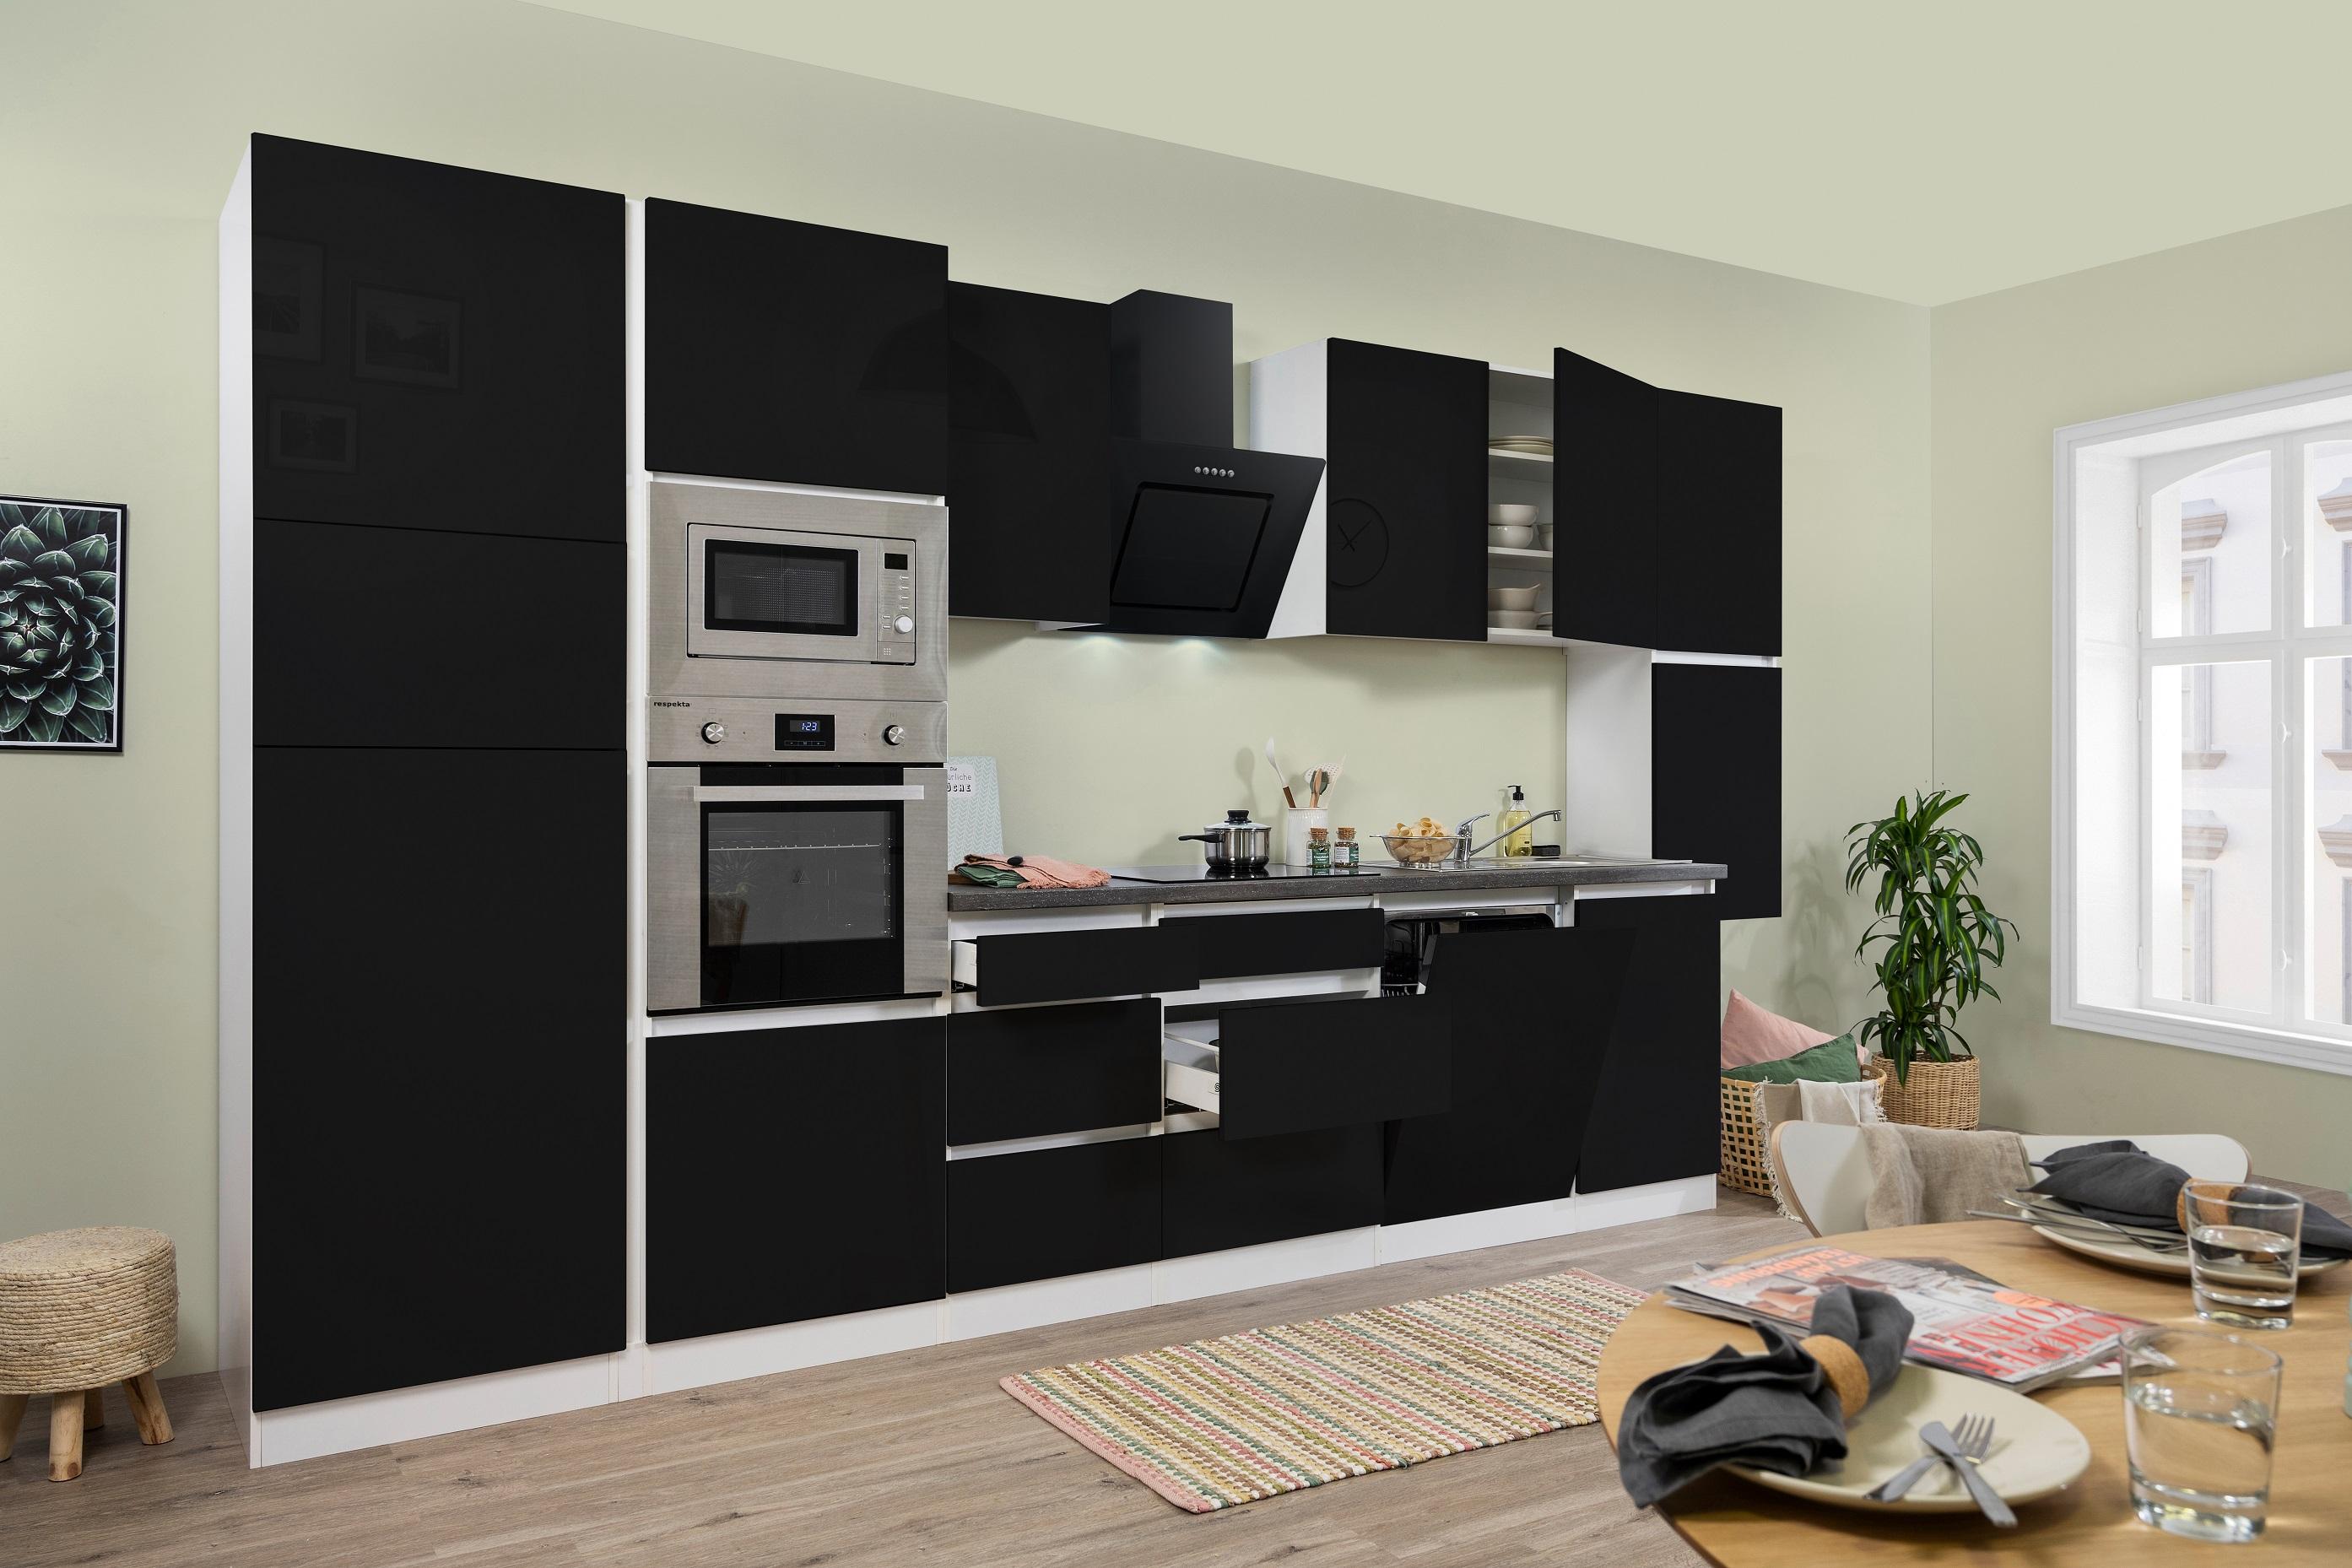 respekta Küchenzeile Küche Küchenblock grifflose Einbauküche 395cm weiß schwarz